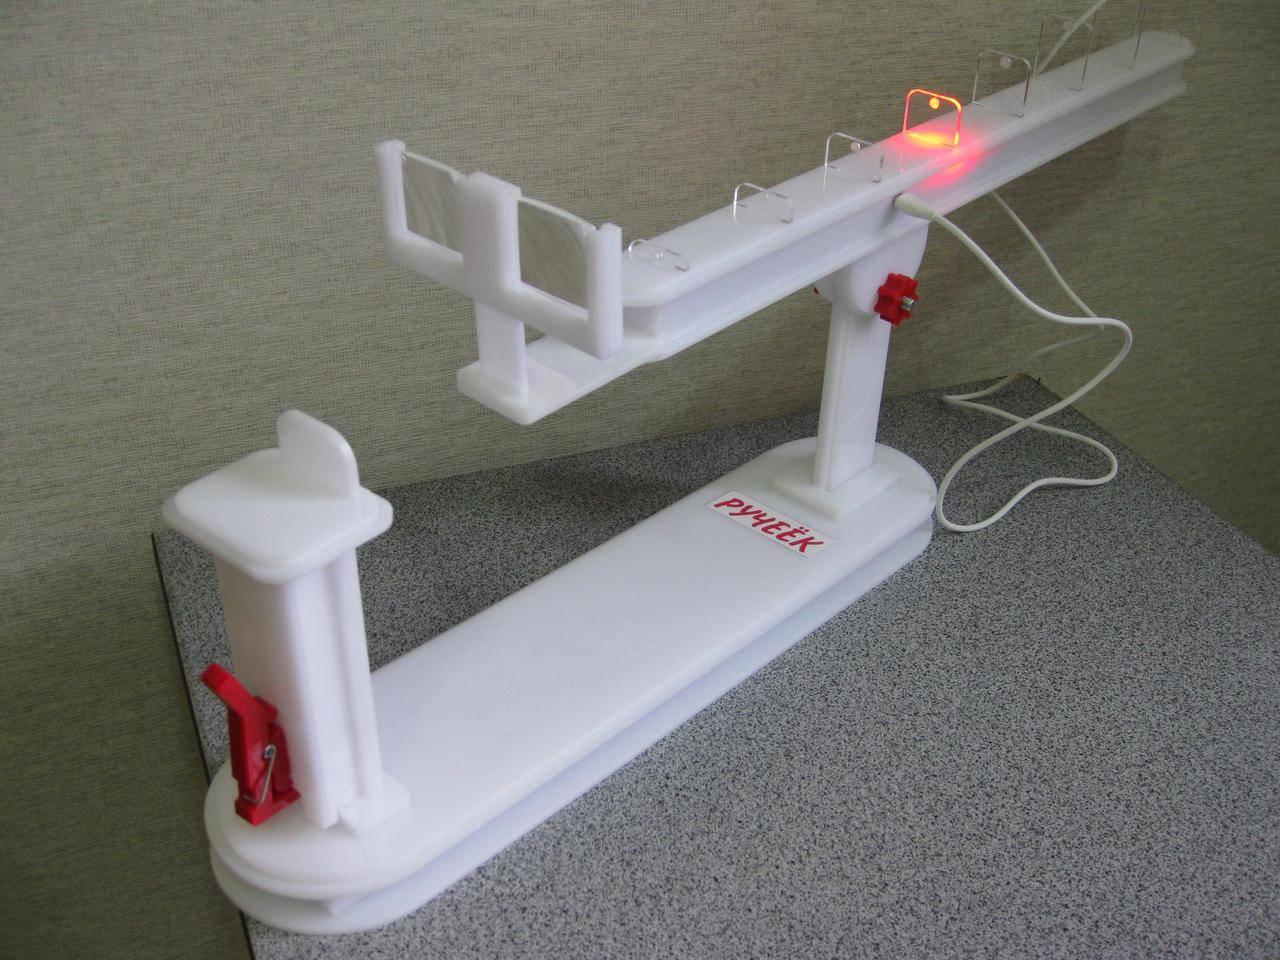 Аппарат для тренировки аккомодации ручеек, так-6.0, так-6.2, так-6.3,россия